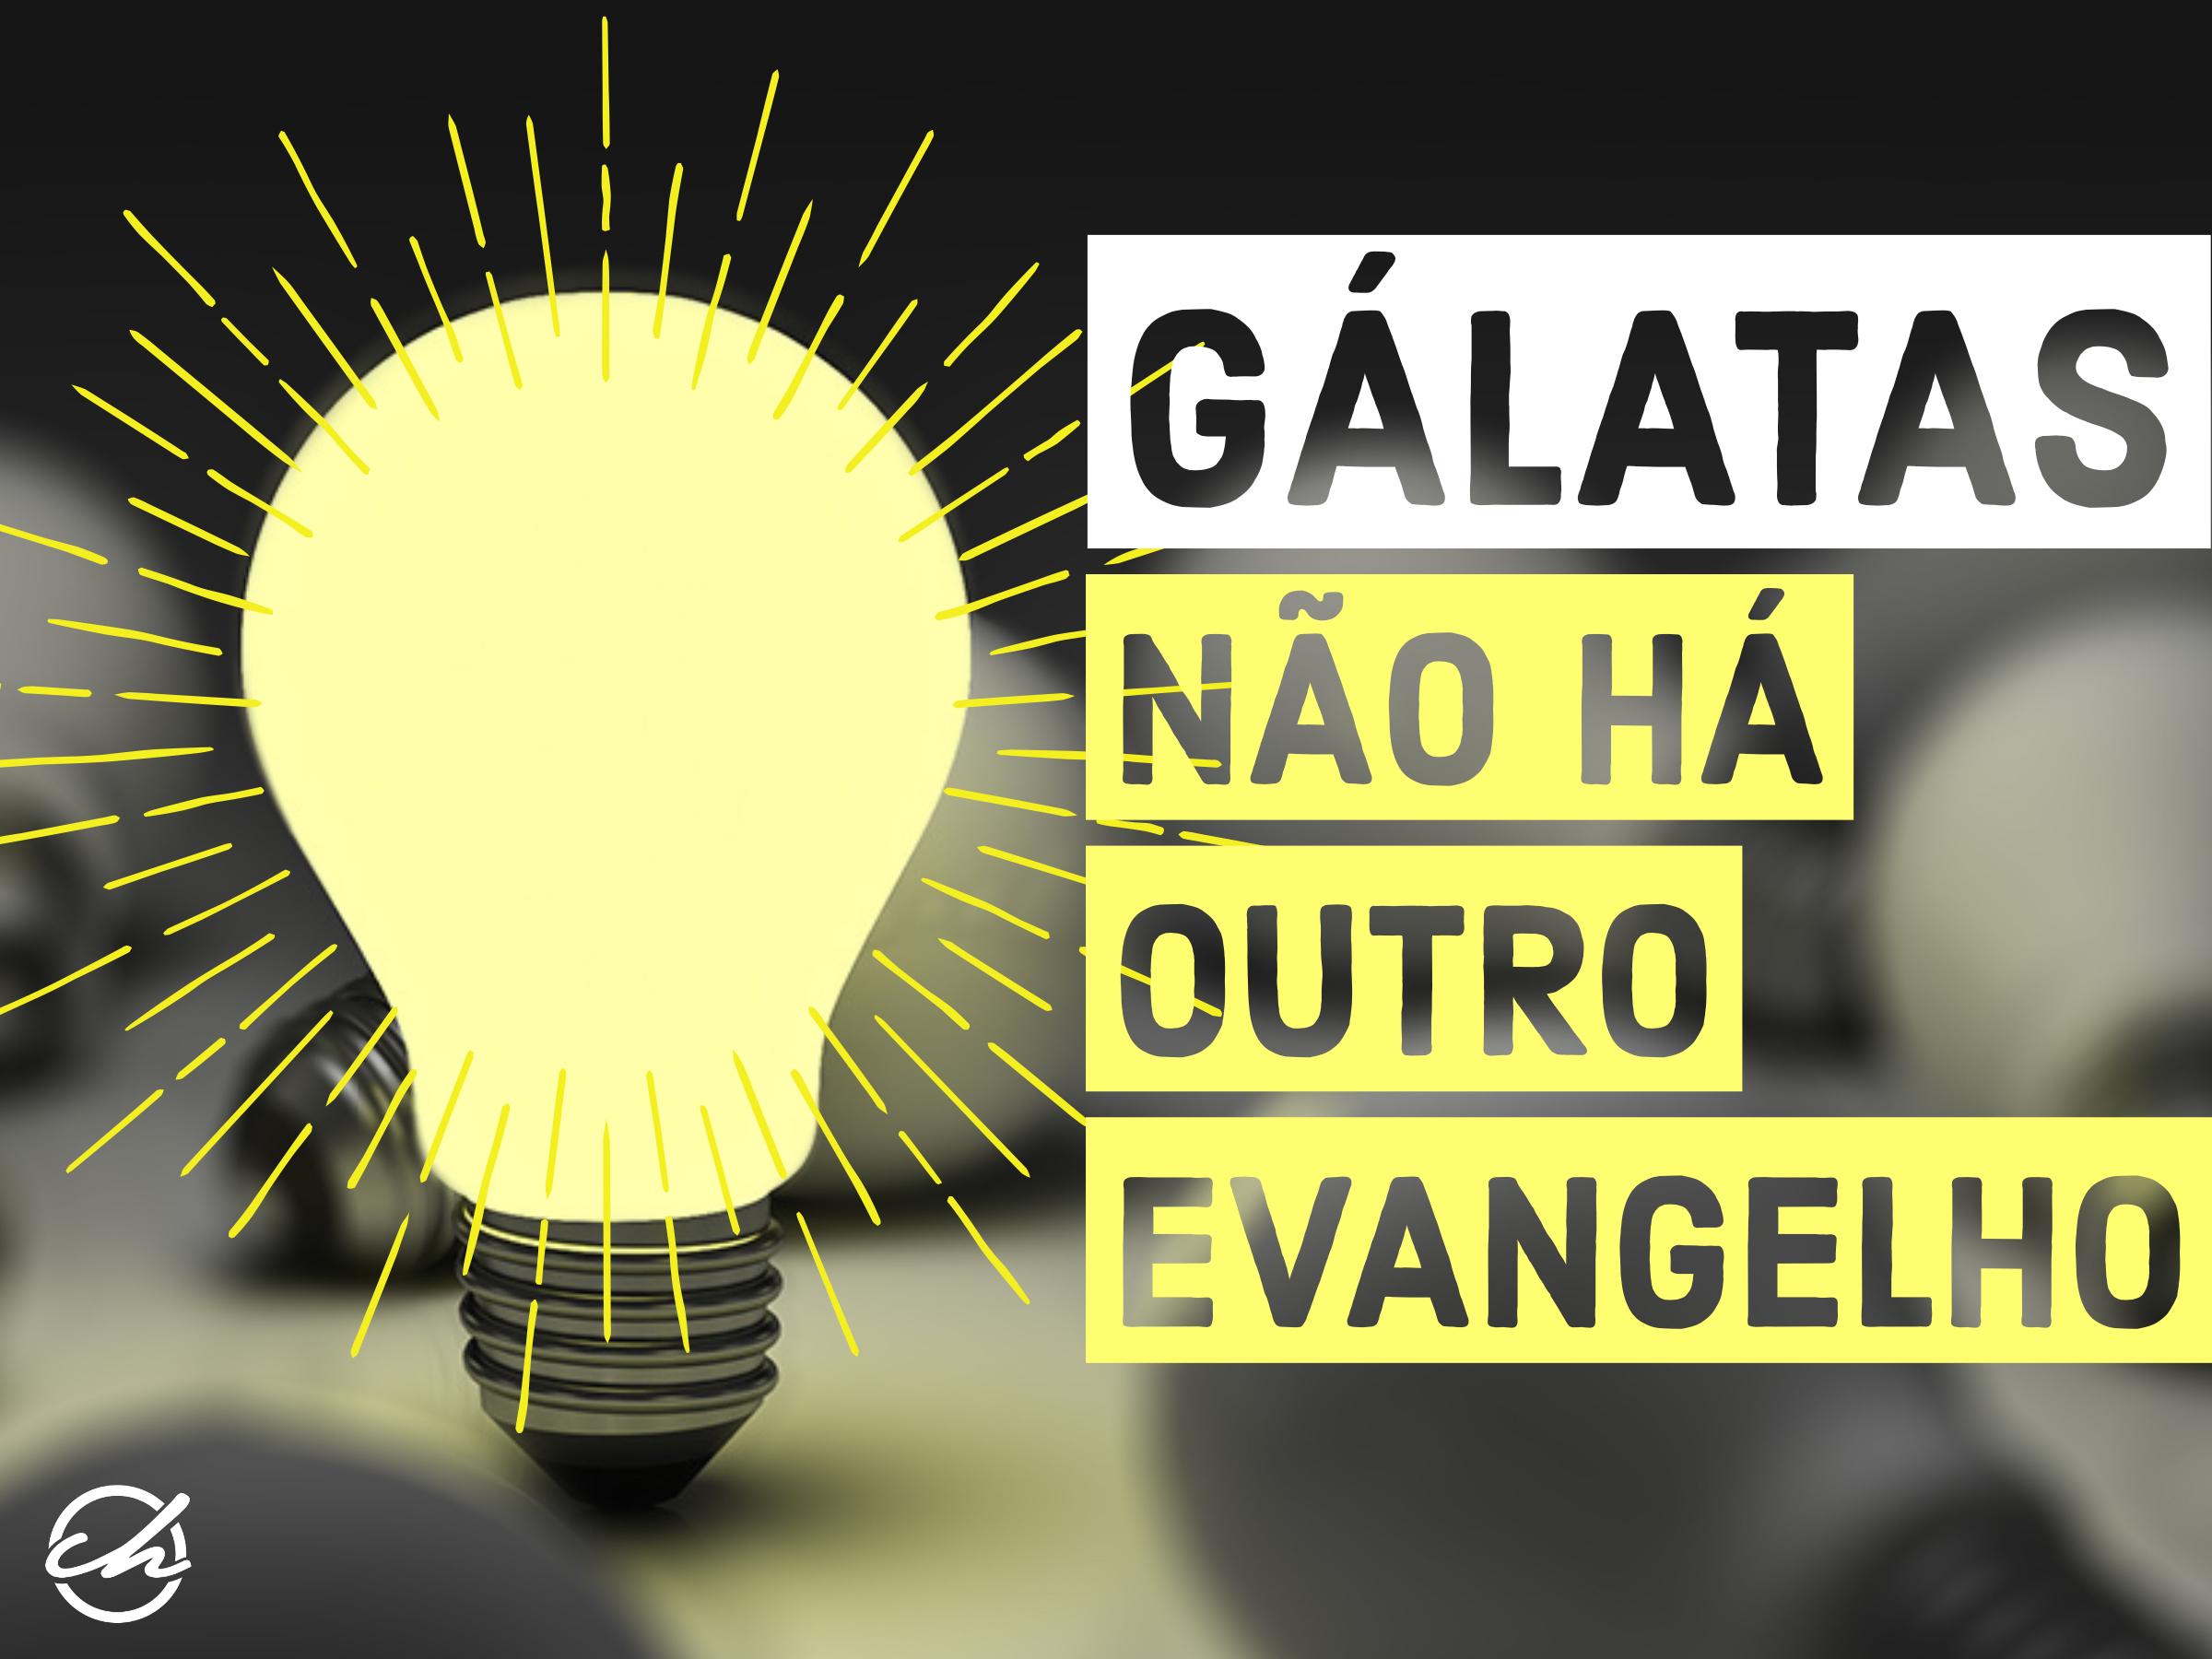 Gálatas - Não há Outro Evangelho 2018 - título.jpg